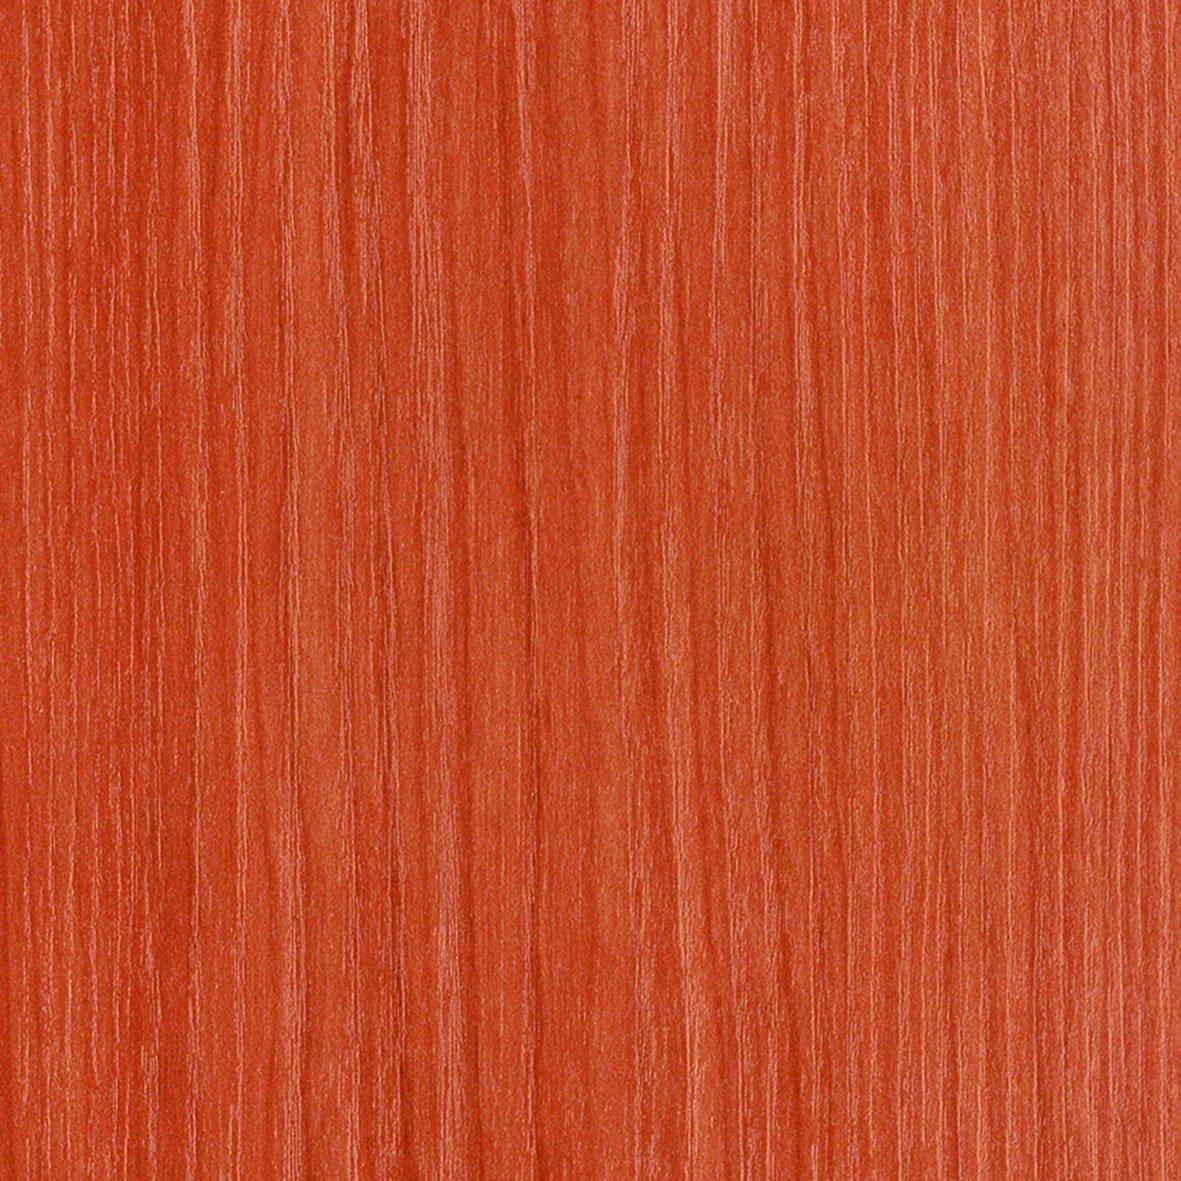 リリカラ 壁紙23m ナチュラル 木目調 ブラウン LL-8797 B01N05XH4G 23m|ブラウン